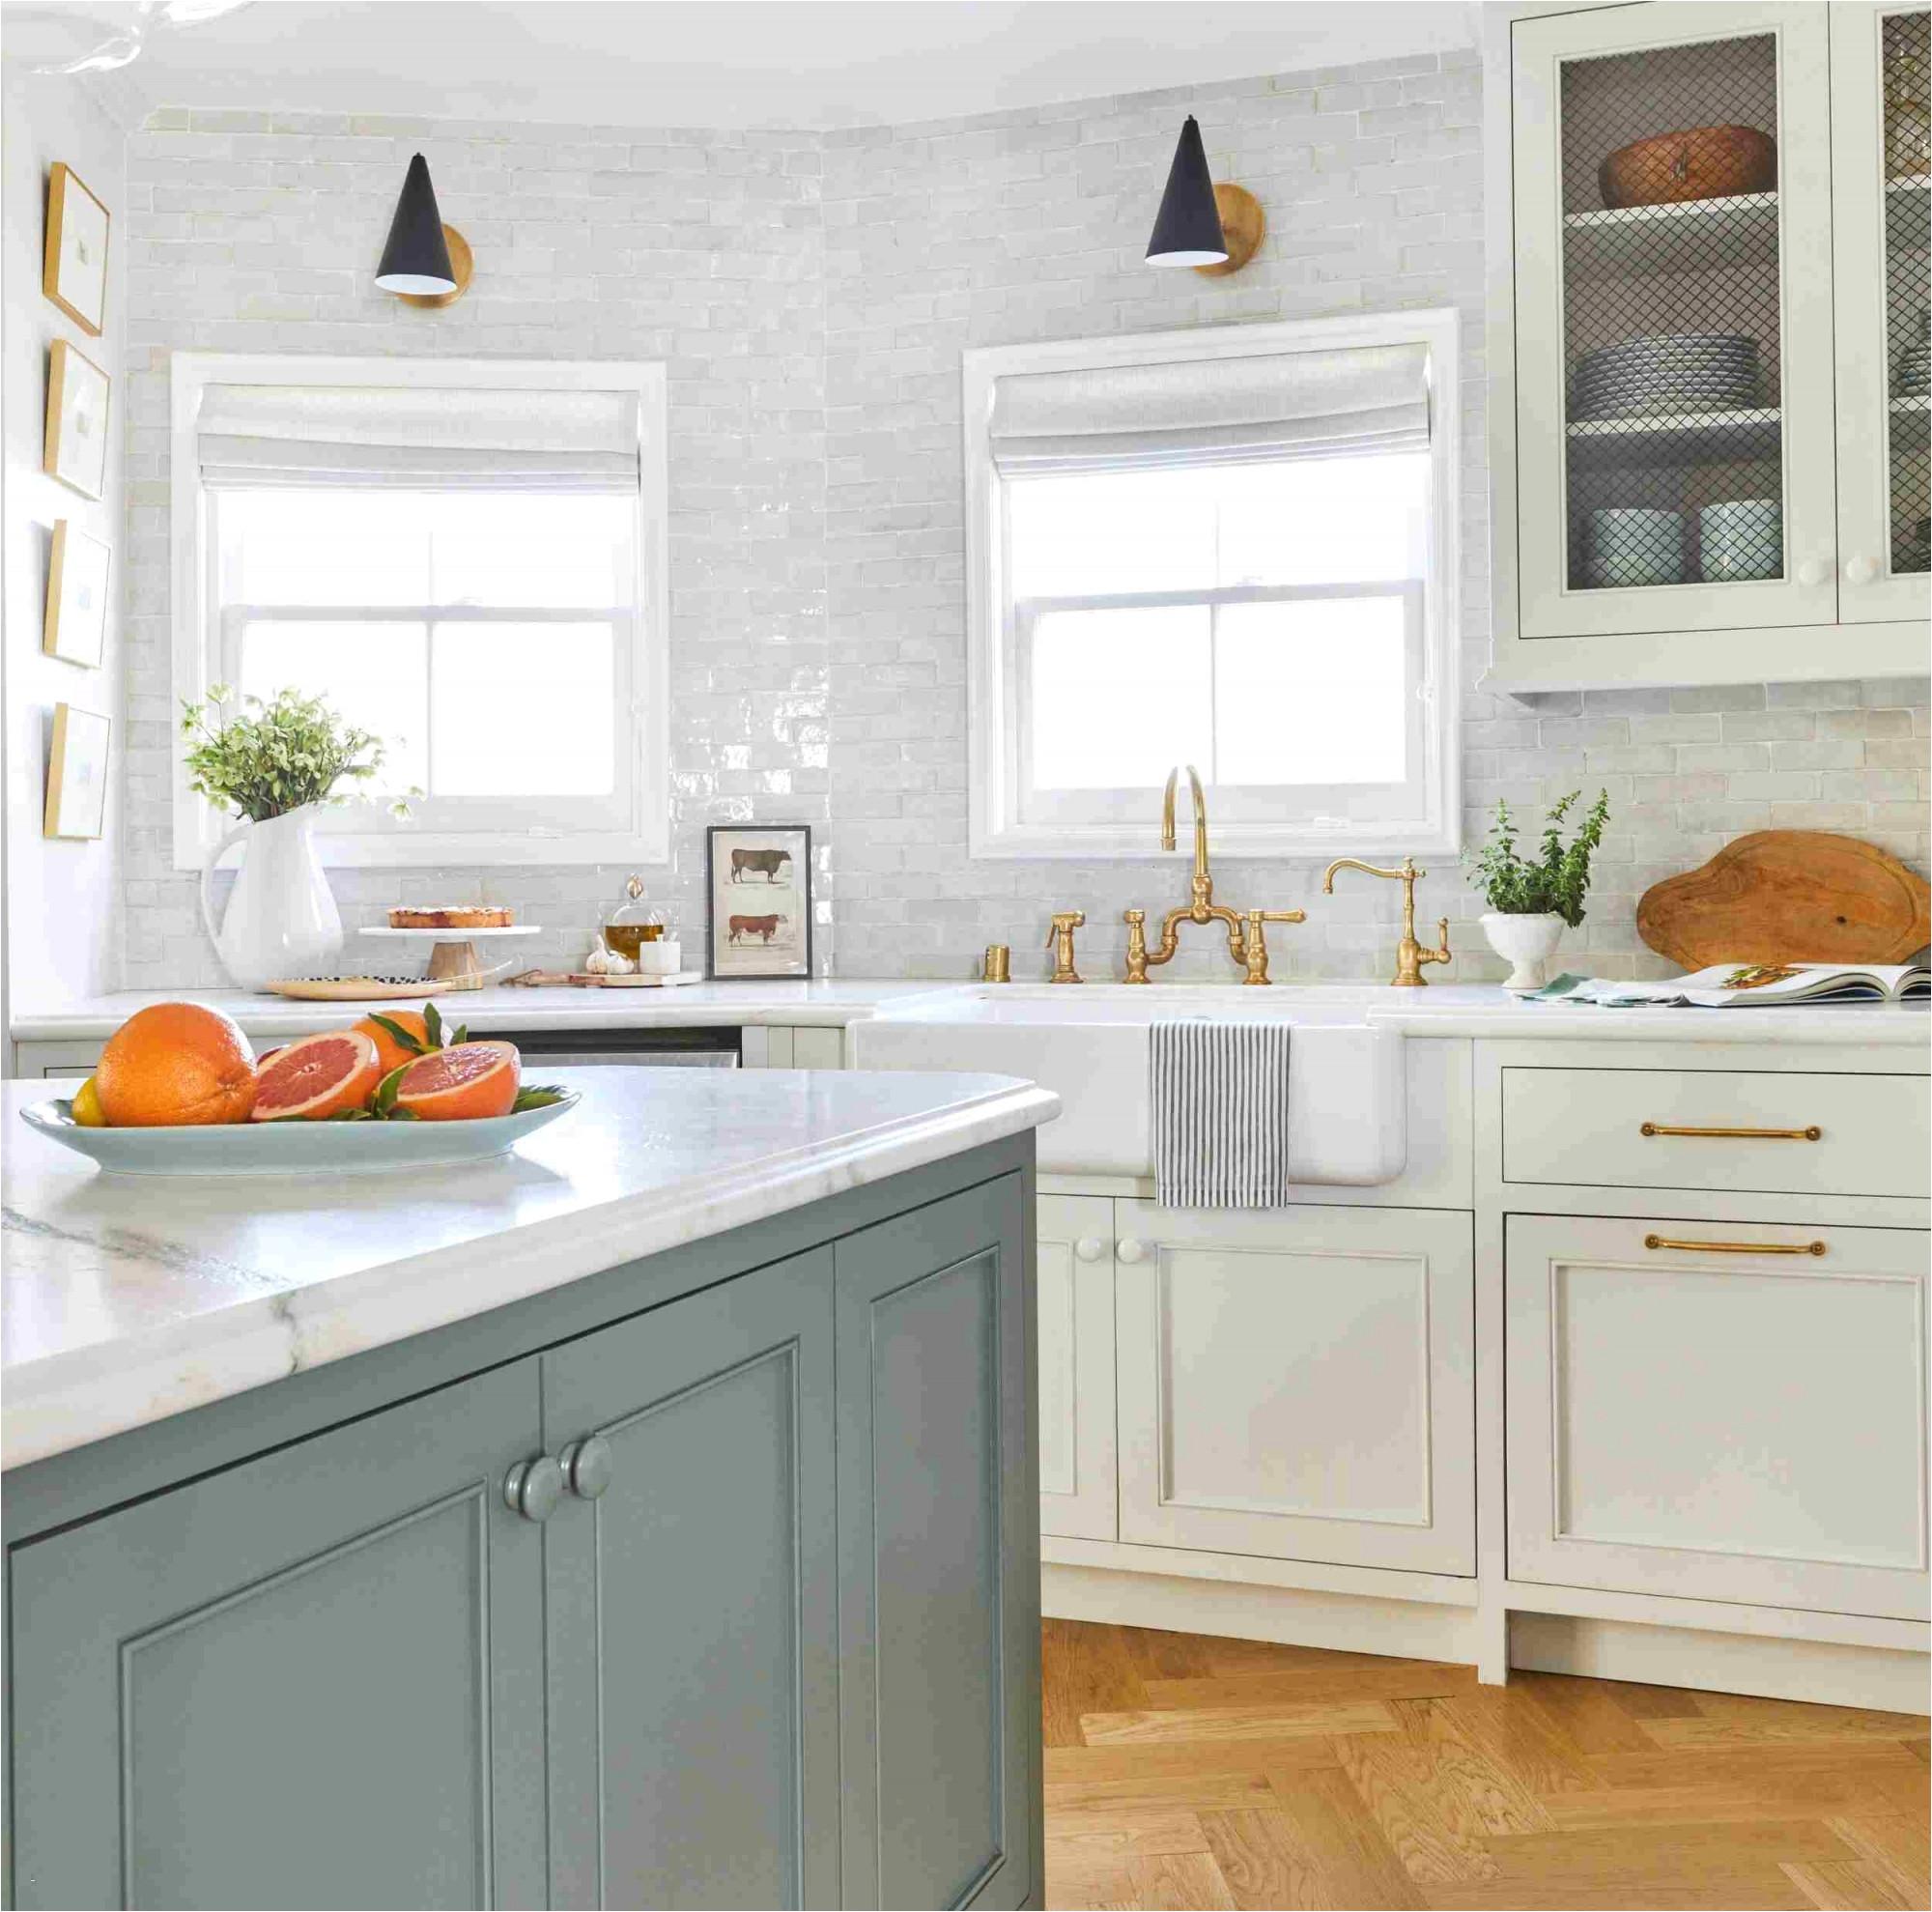 gallery kitchen designs layouts luxury kitchen sink designs luxury corner kitchen sink spaceh spacei 0d